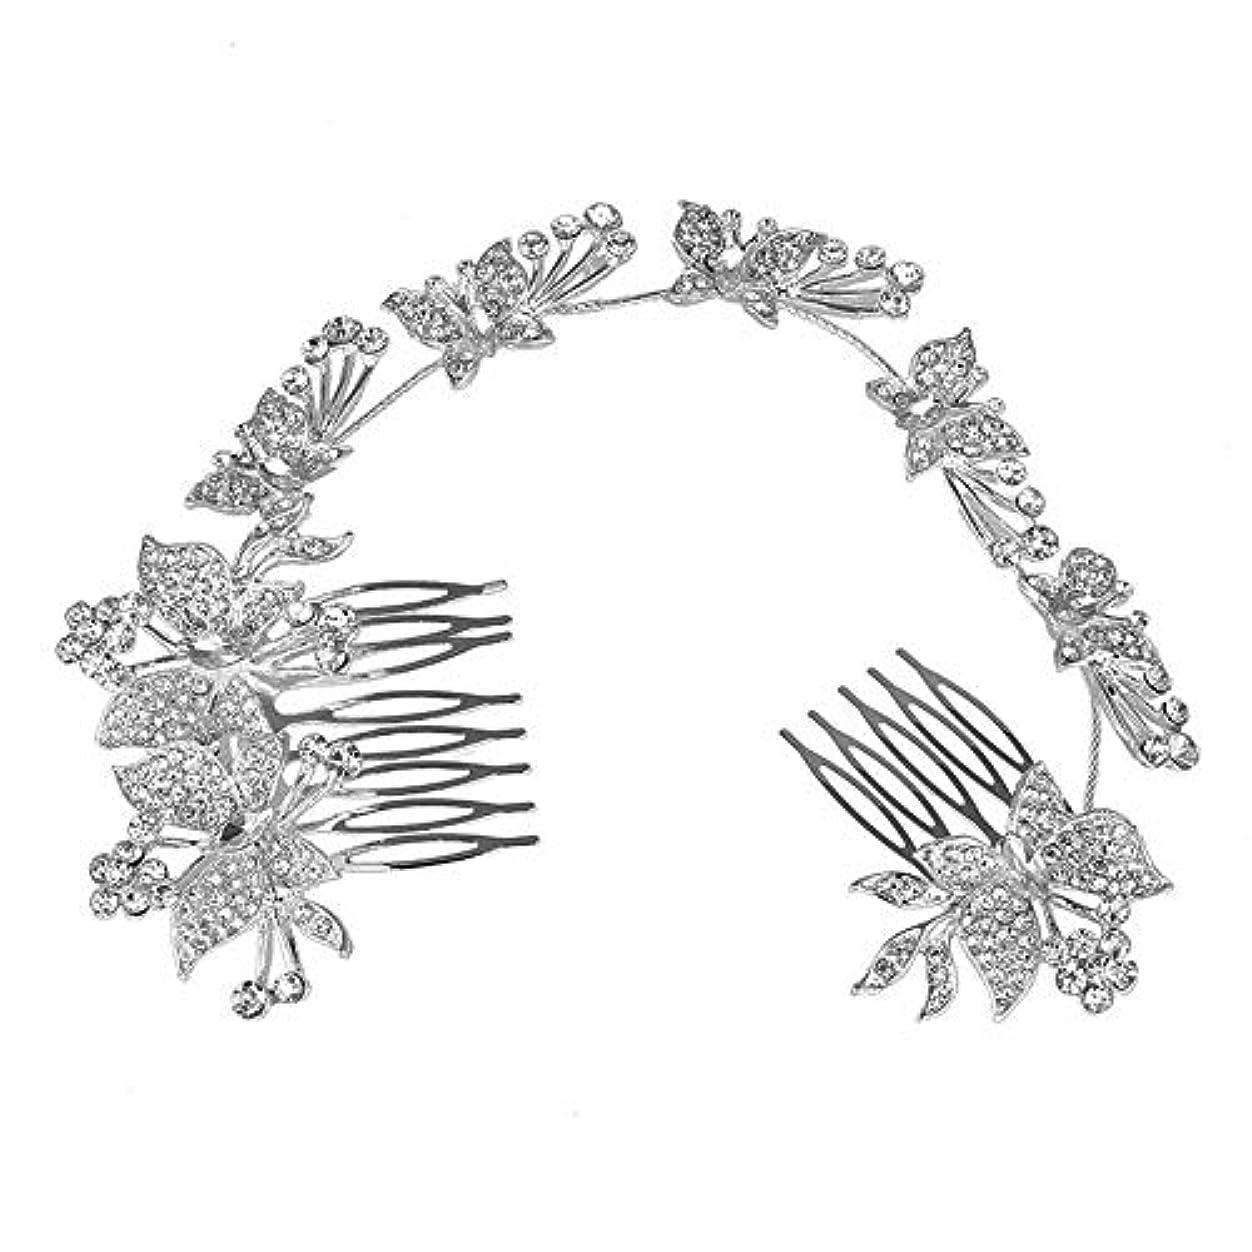 物理プレゼン有毒髪の櫛、櫛、蝶、髪の櫛、ブライダル髪の櫛、結婚式の髪の櫛、ラインストーンの櫛、ヘッドギア